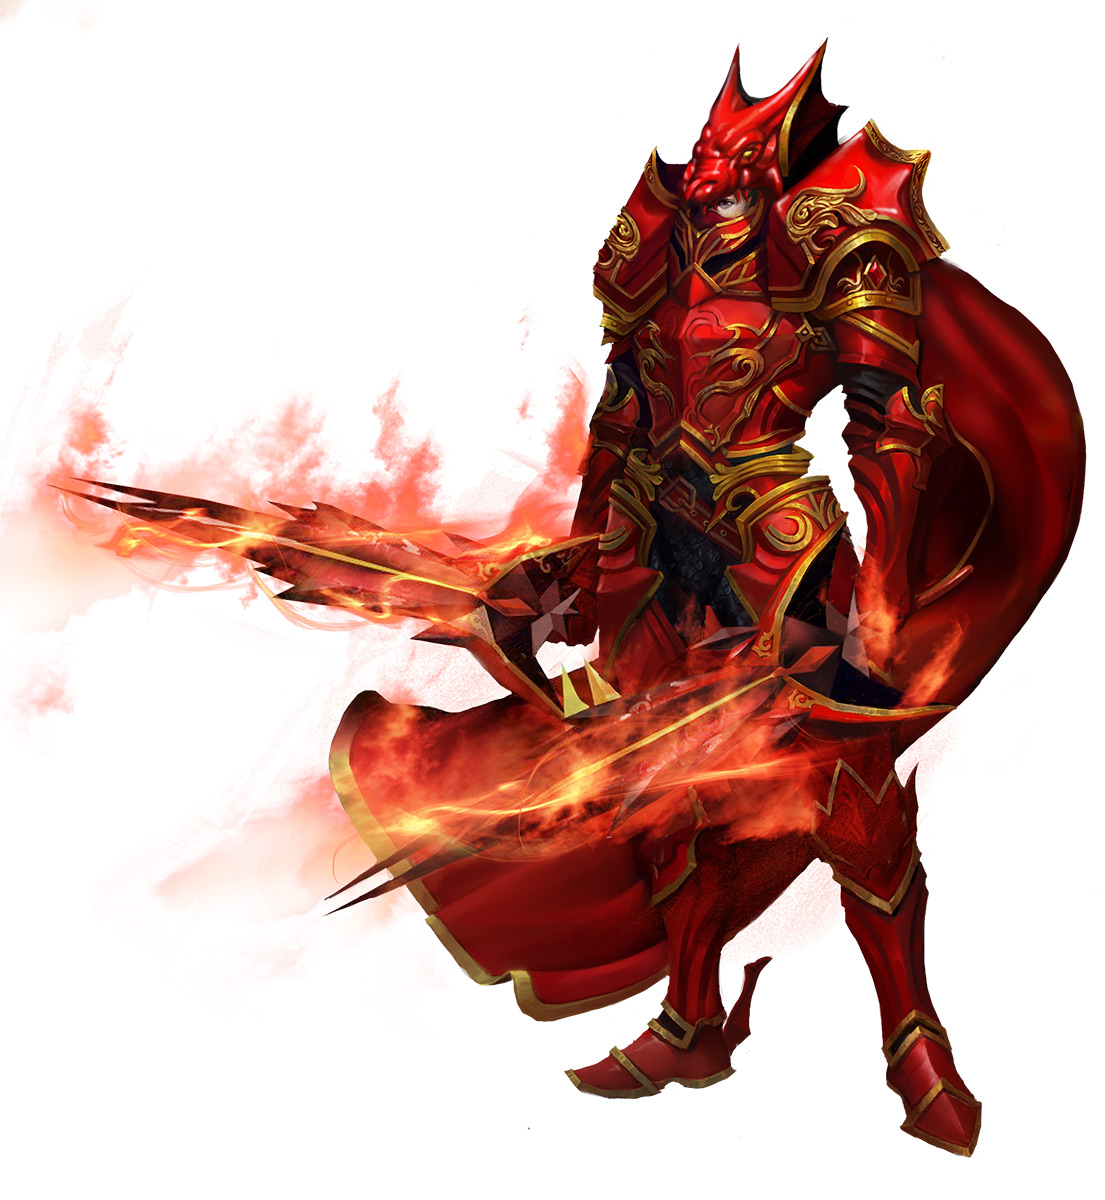 大天使之剑红龙战士